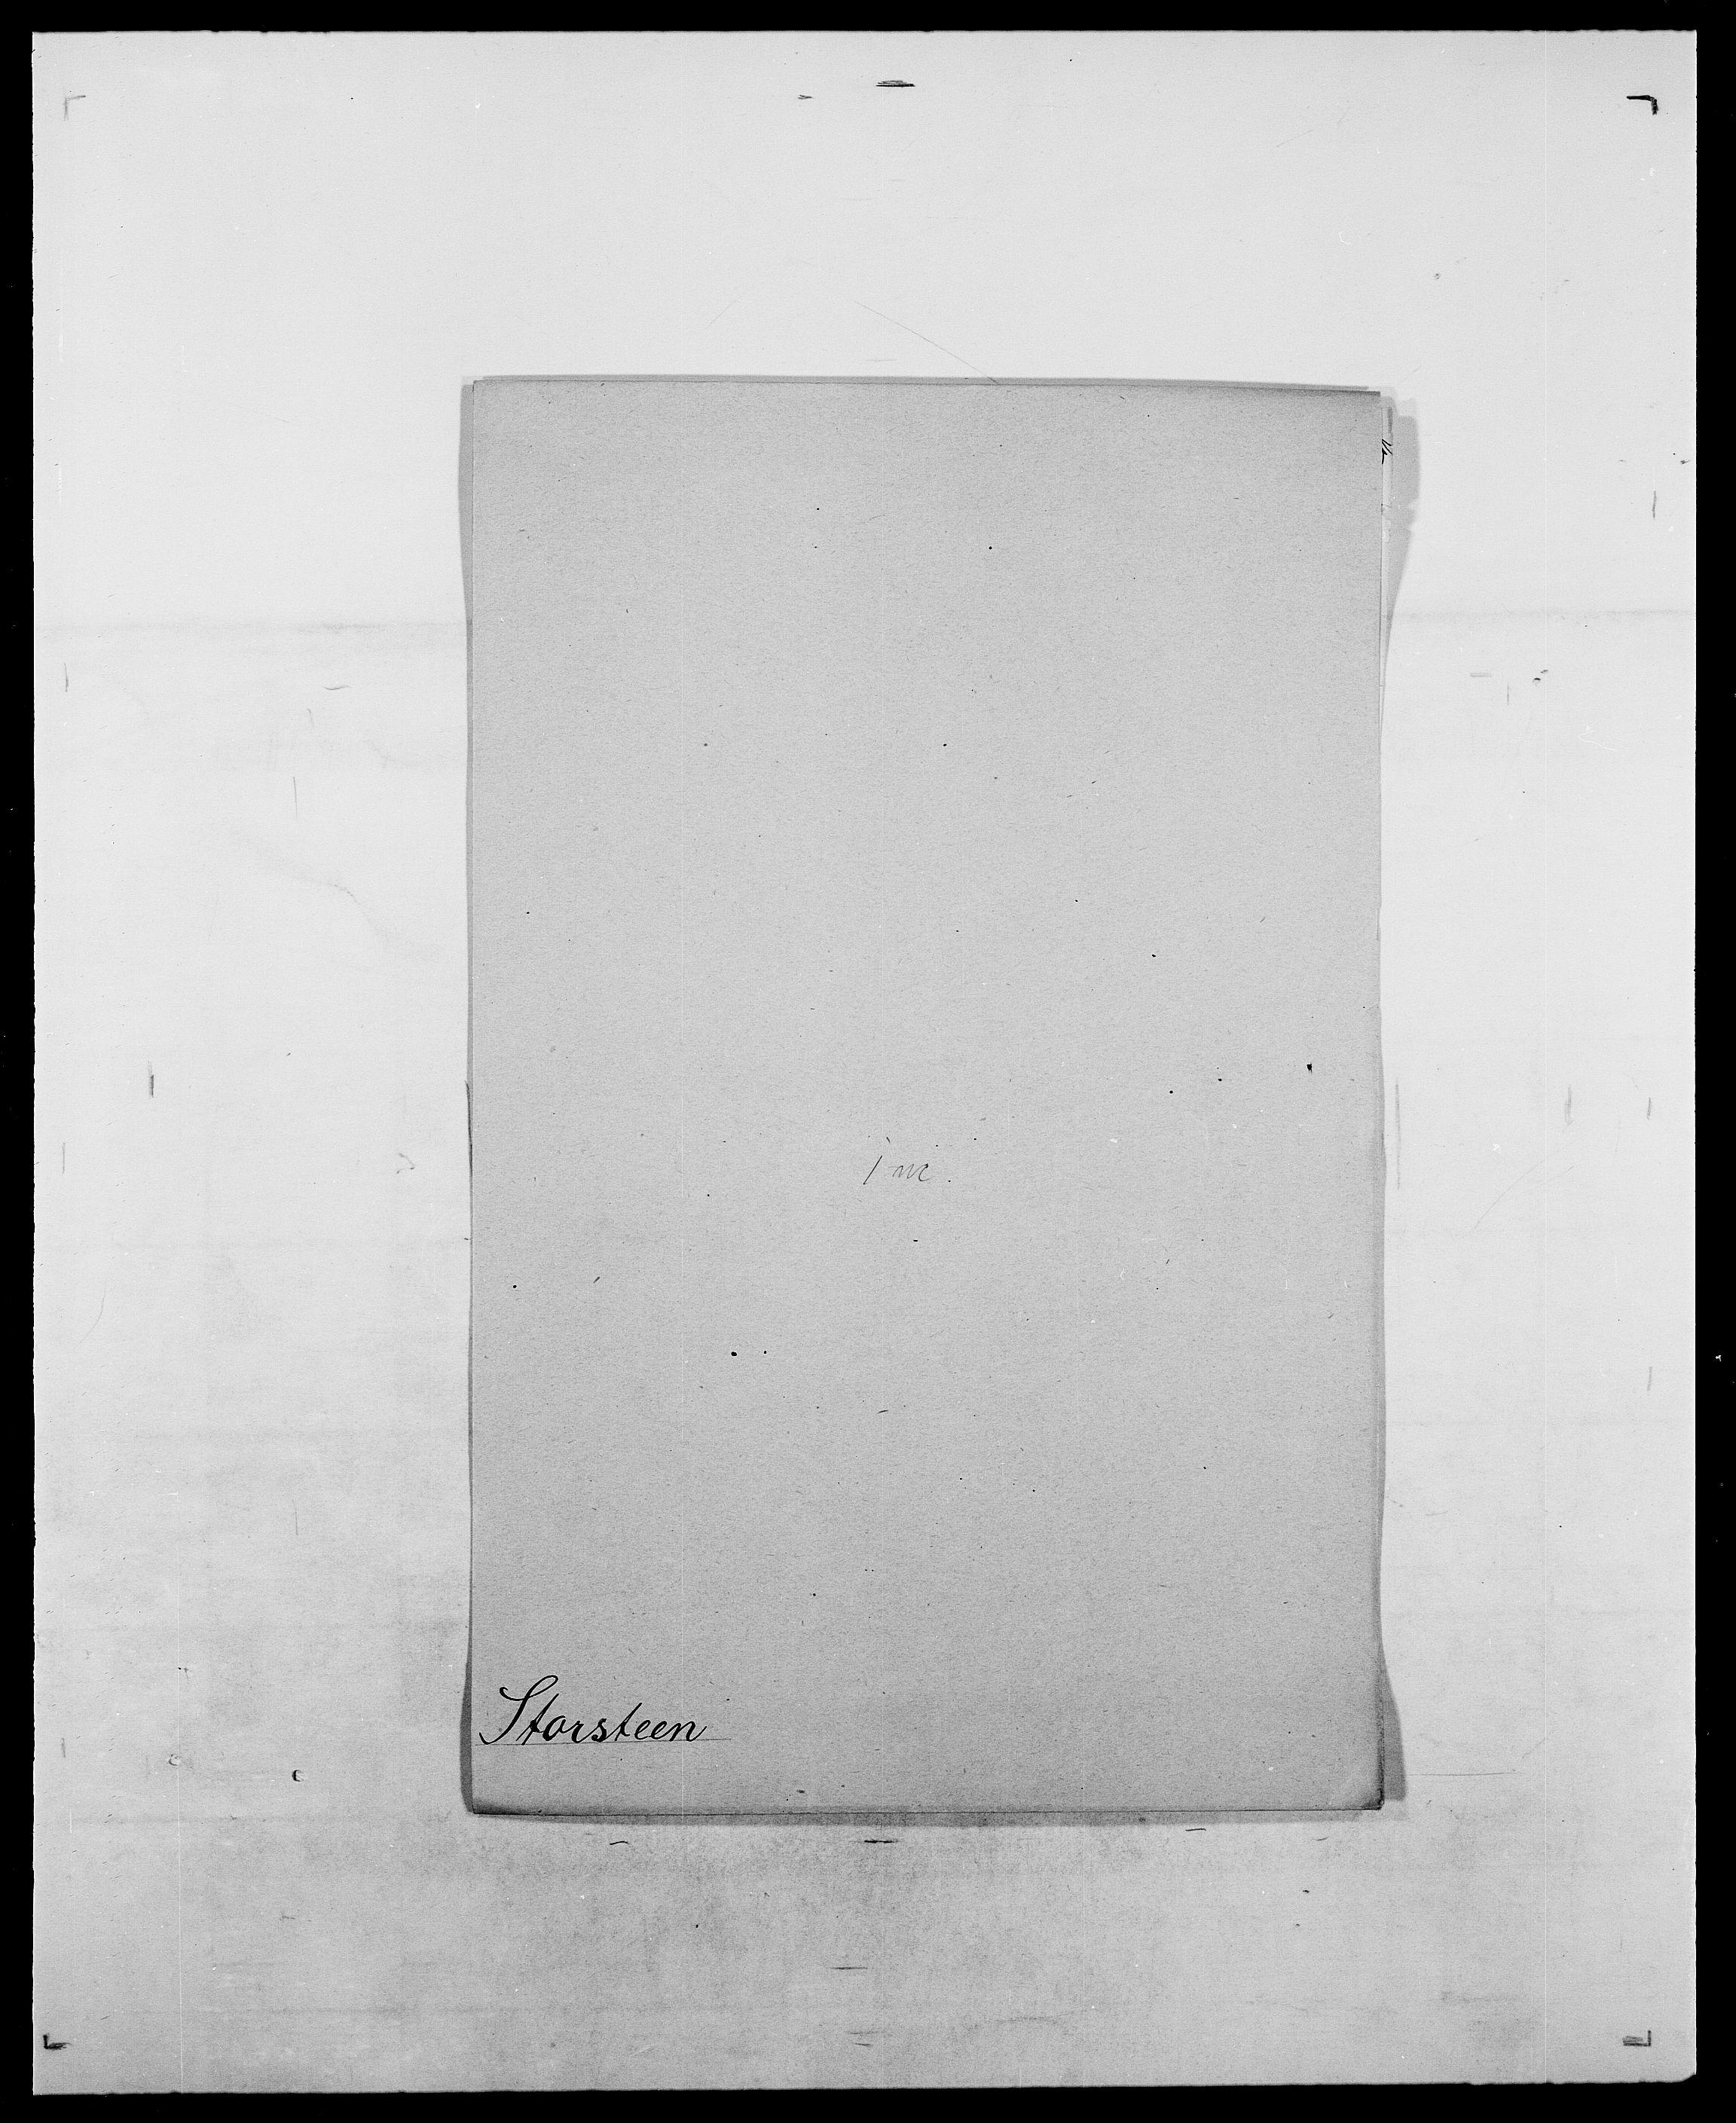 SAO, Delgobe, Charles Antoine - samling, D/Da/L0037: Steen, Sthen, Stein - Svare, Svanige, Svanne, se også Svanning og Schwane, s. 523